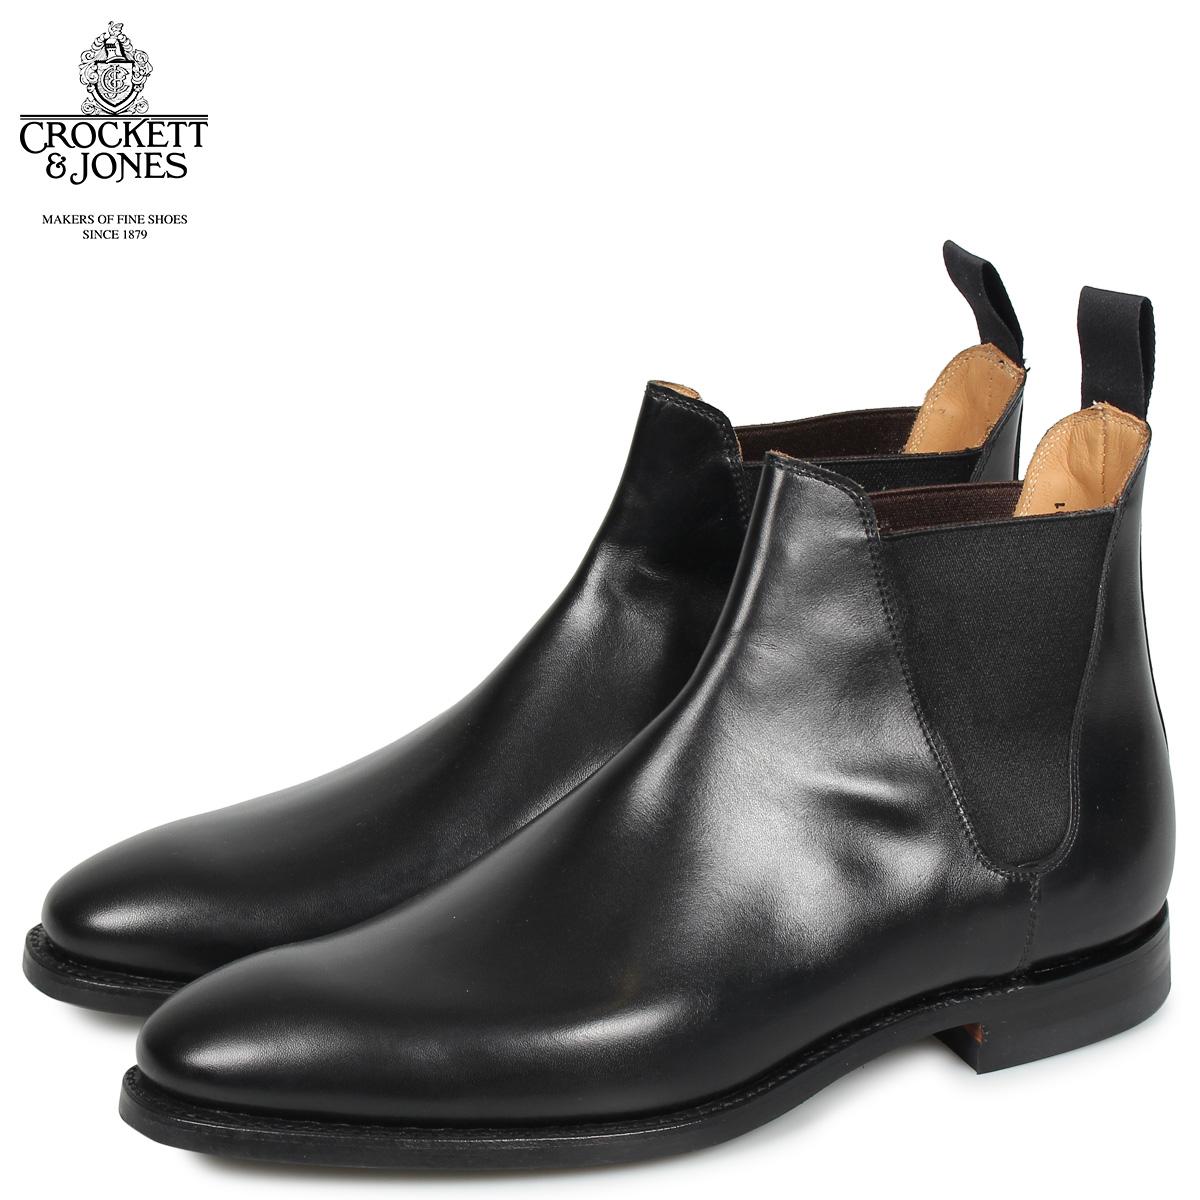 クロケット&ジョーンズ CROCKETT&JONES チェルシー 8 ブーツ サイドゴア メンズ CHELSEA 8 Eワイズ ブラック 黒